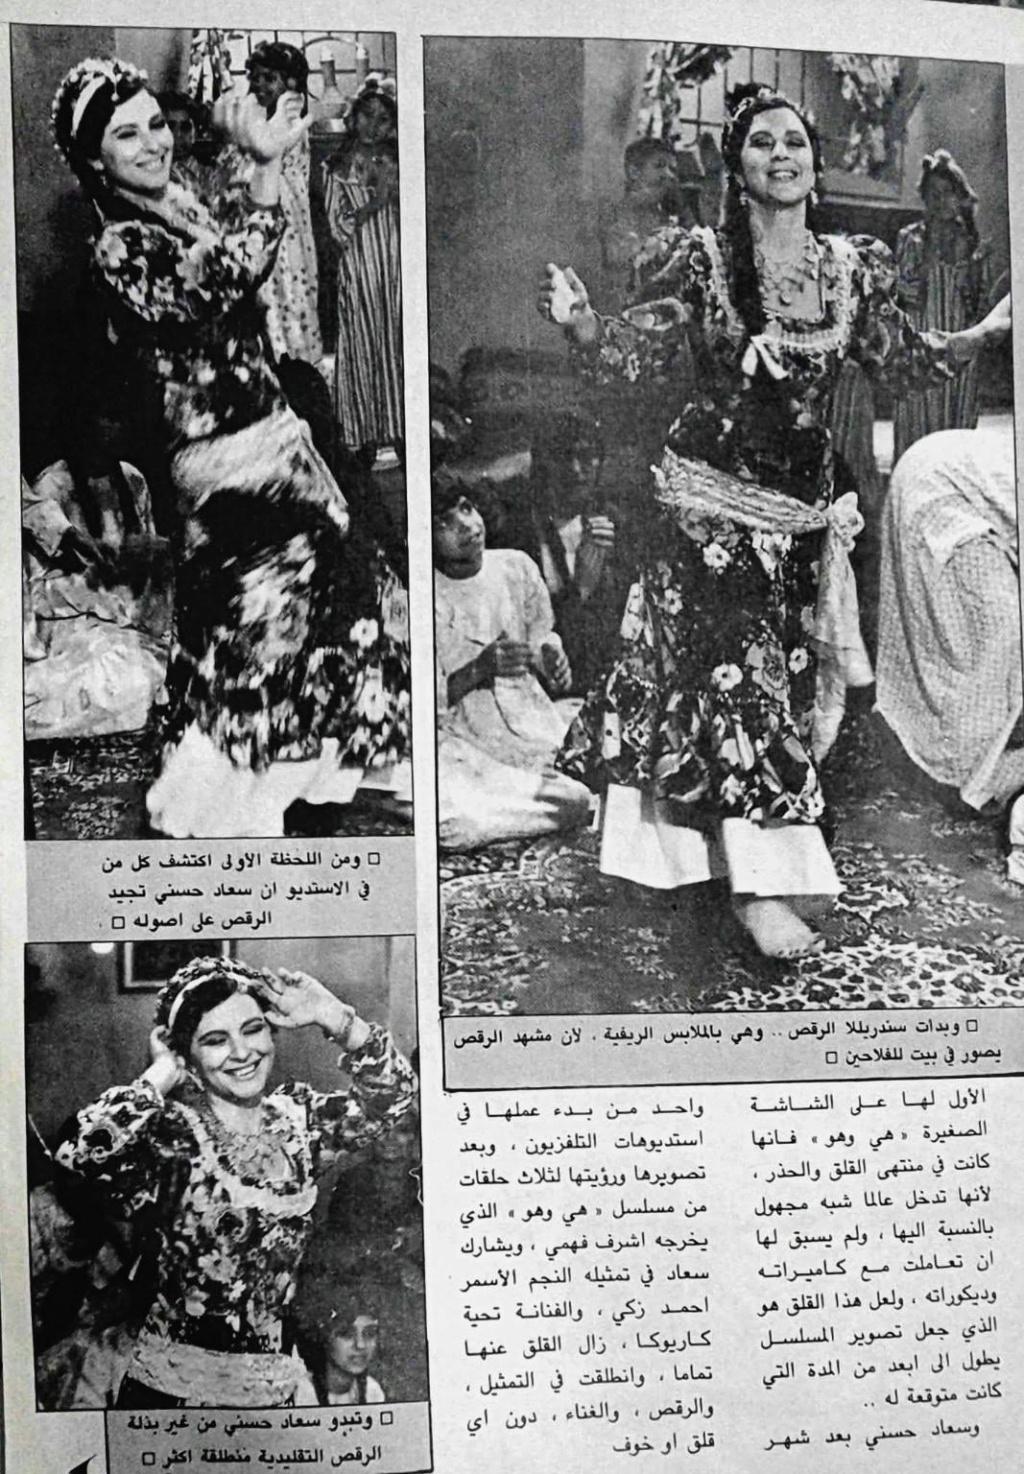 مقال صحفي : رقصة سعاد حسني كاملة 1985 م 218